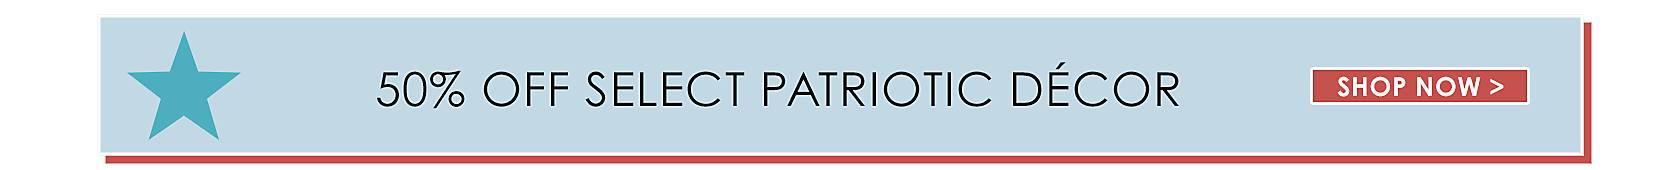 50% Off Select Patriotic Decor - Shop Now